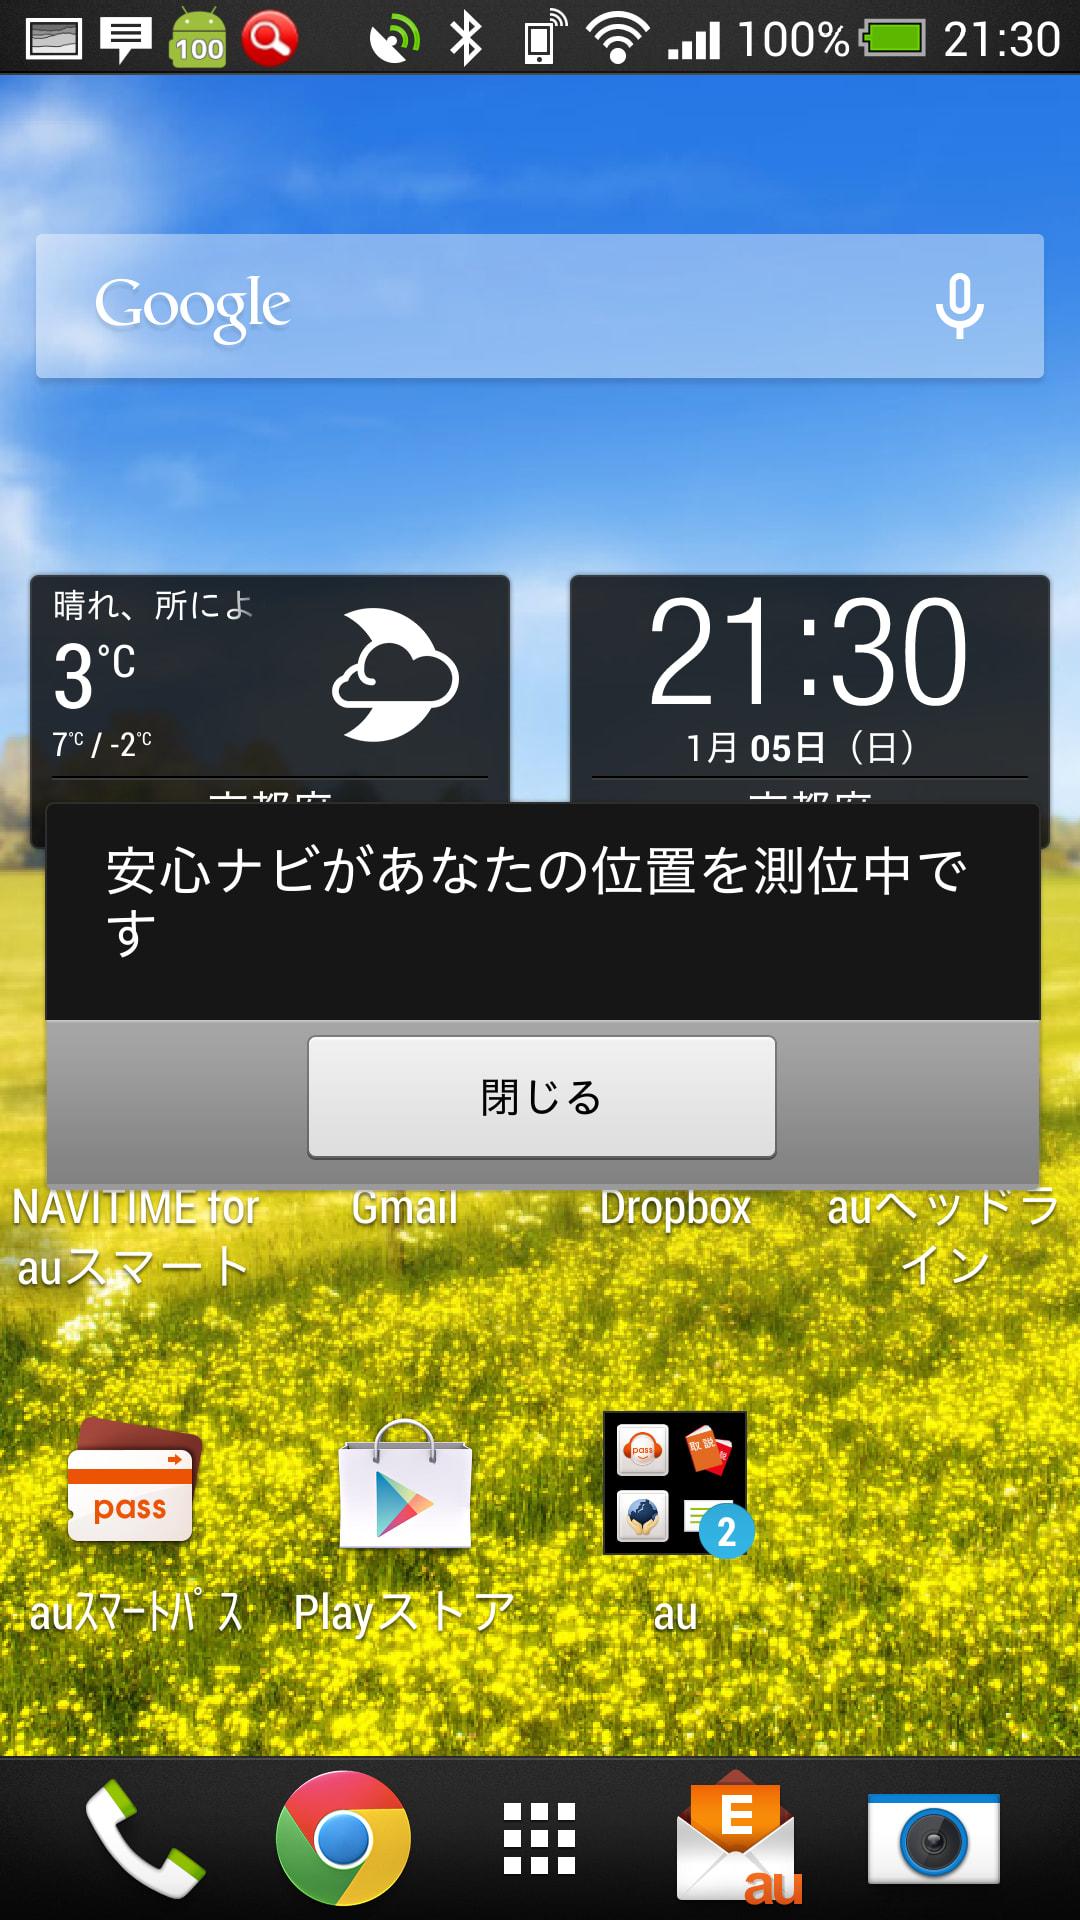 アプリ 安心 ナビ au